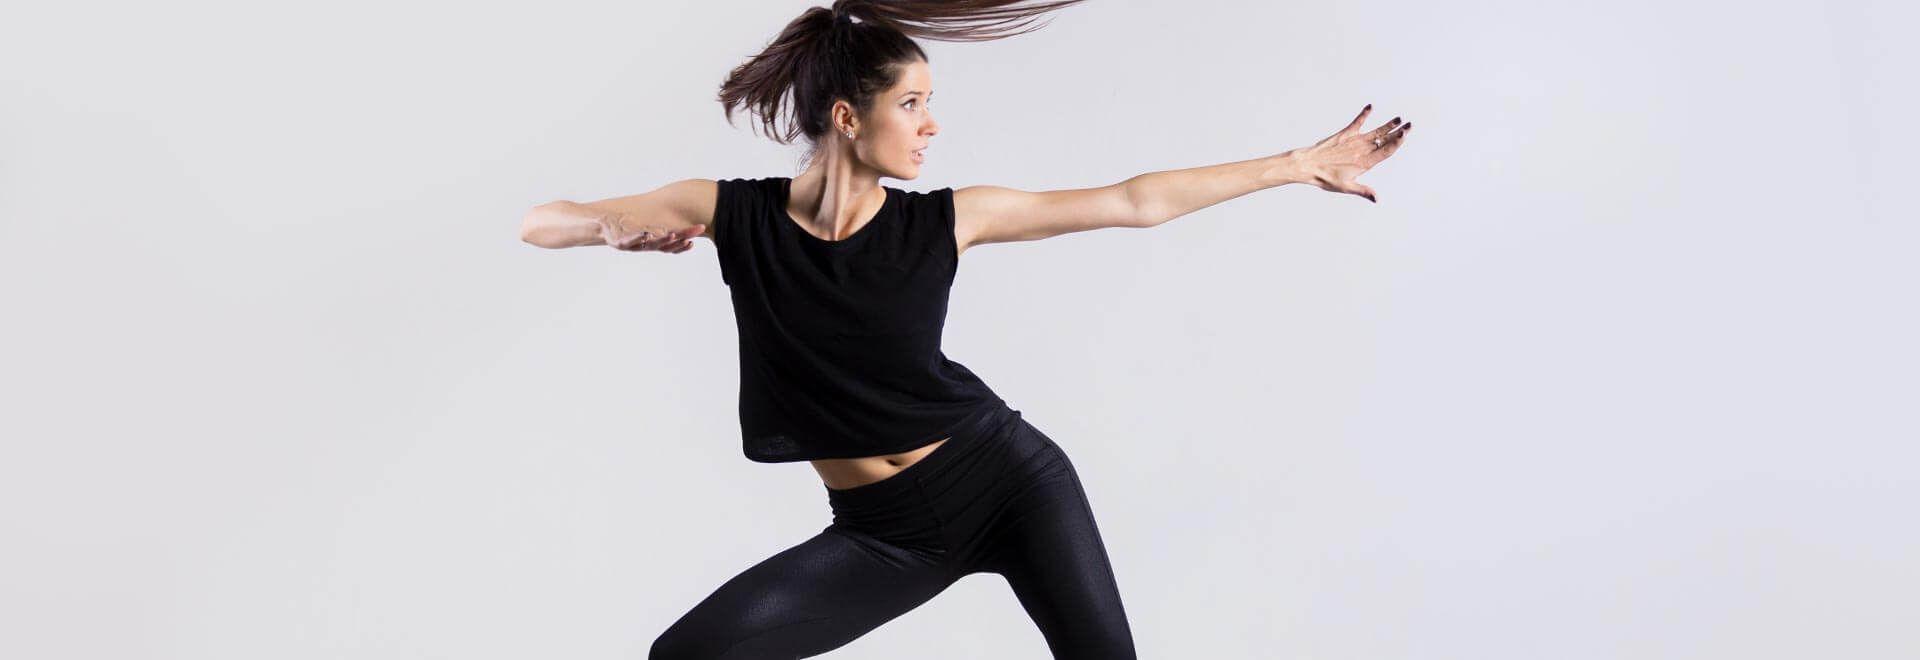 eine Frau führt grazile Bewegungen aus